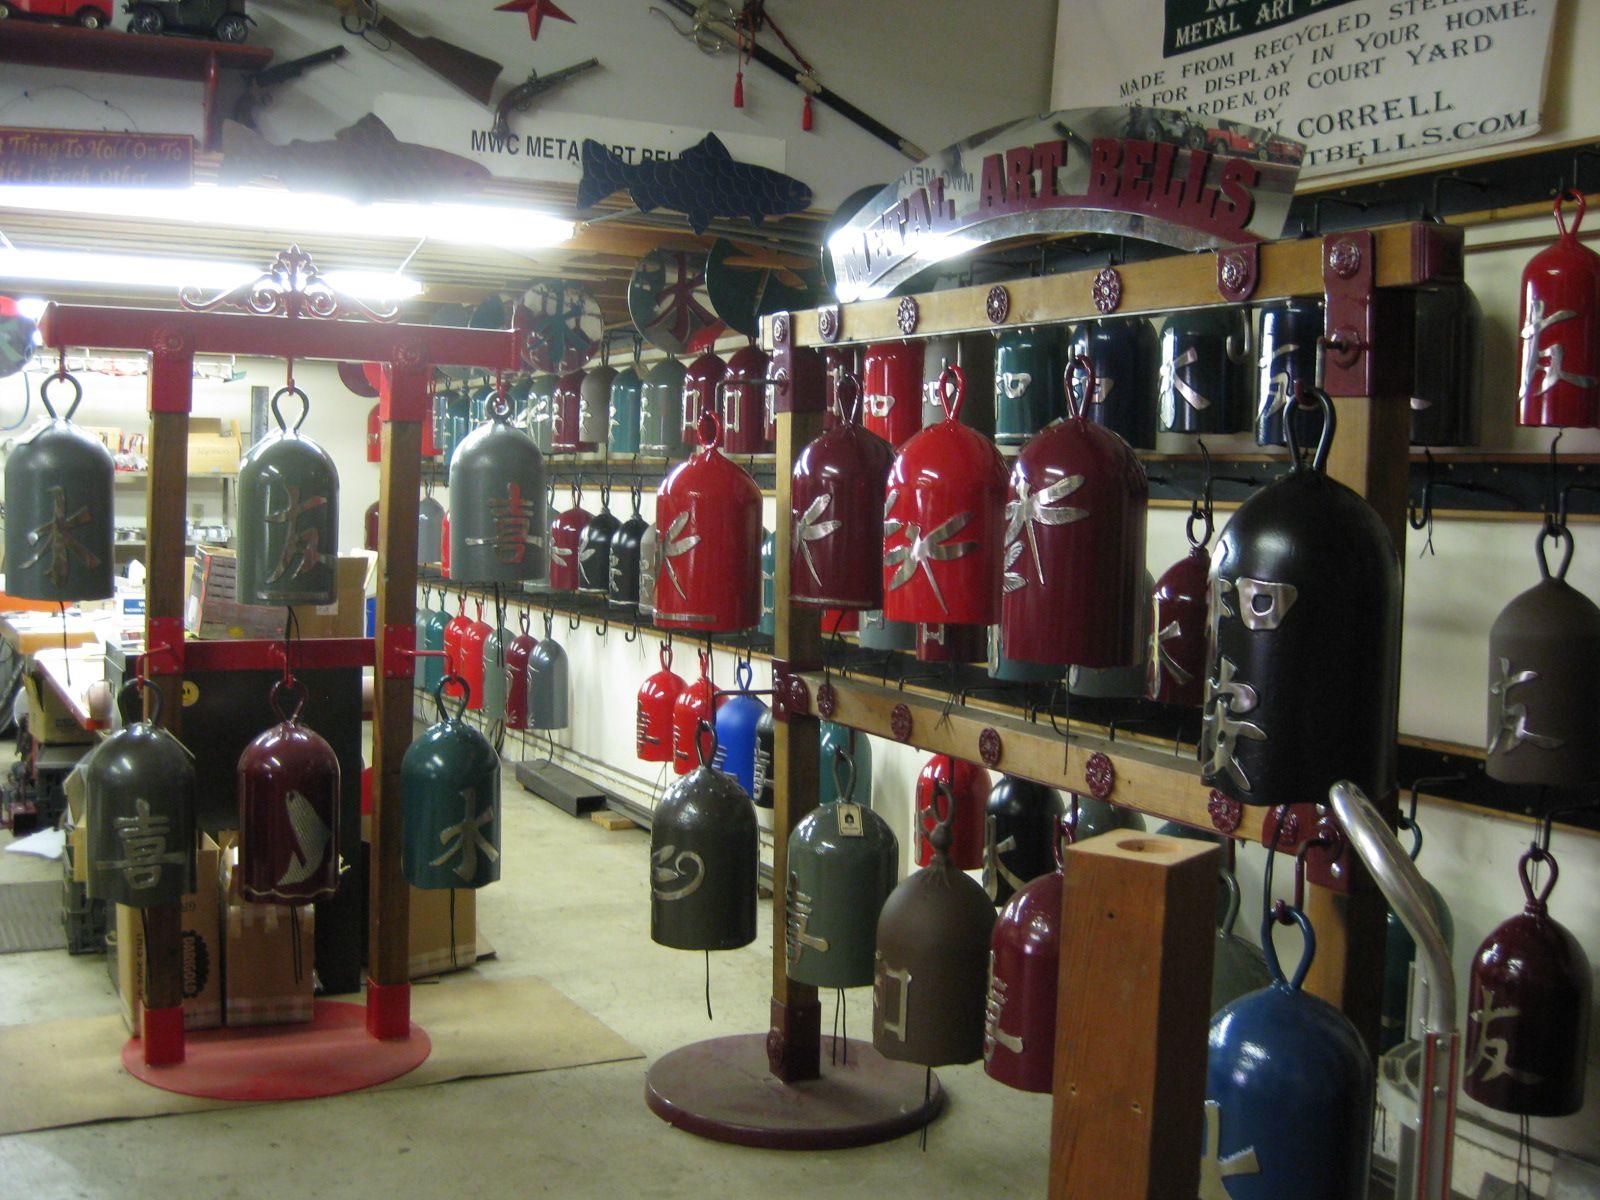 Lots of garden bells at metal art bells studio in